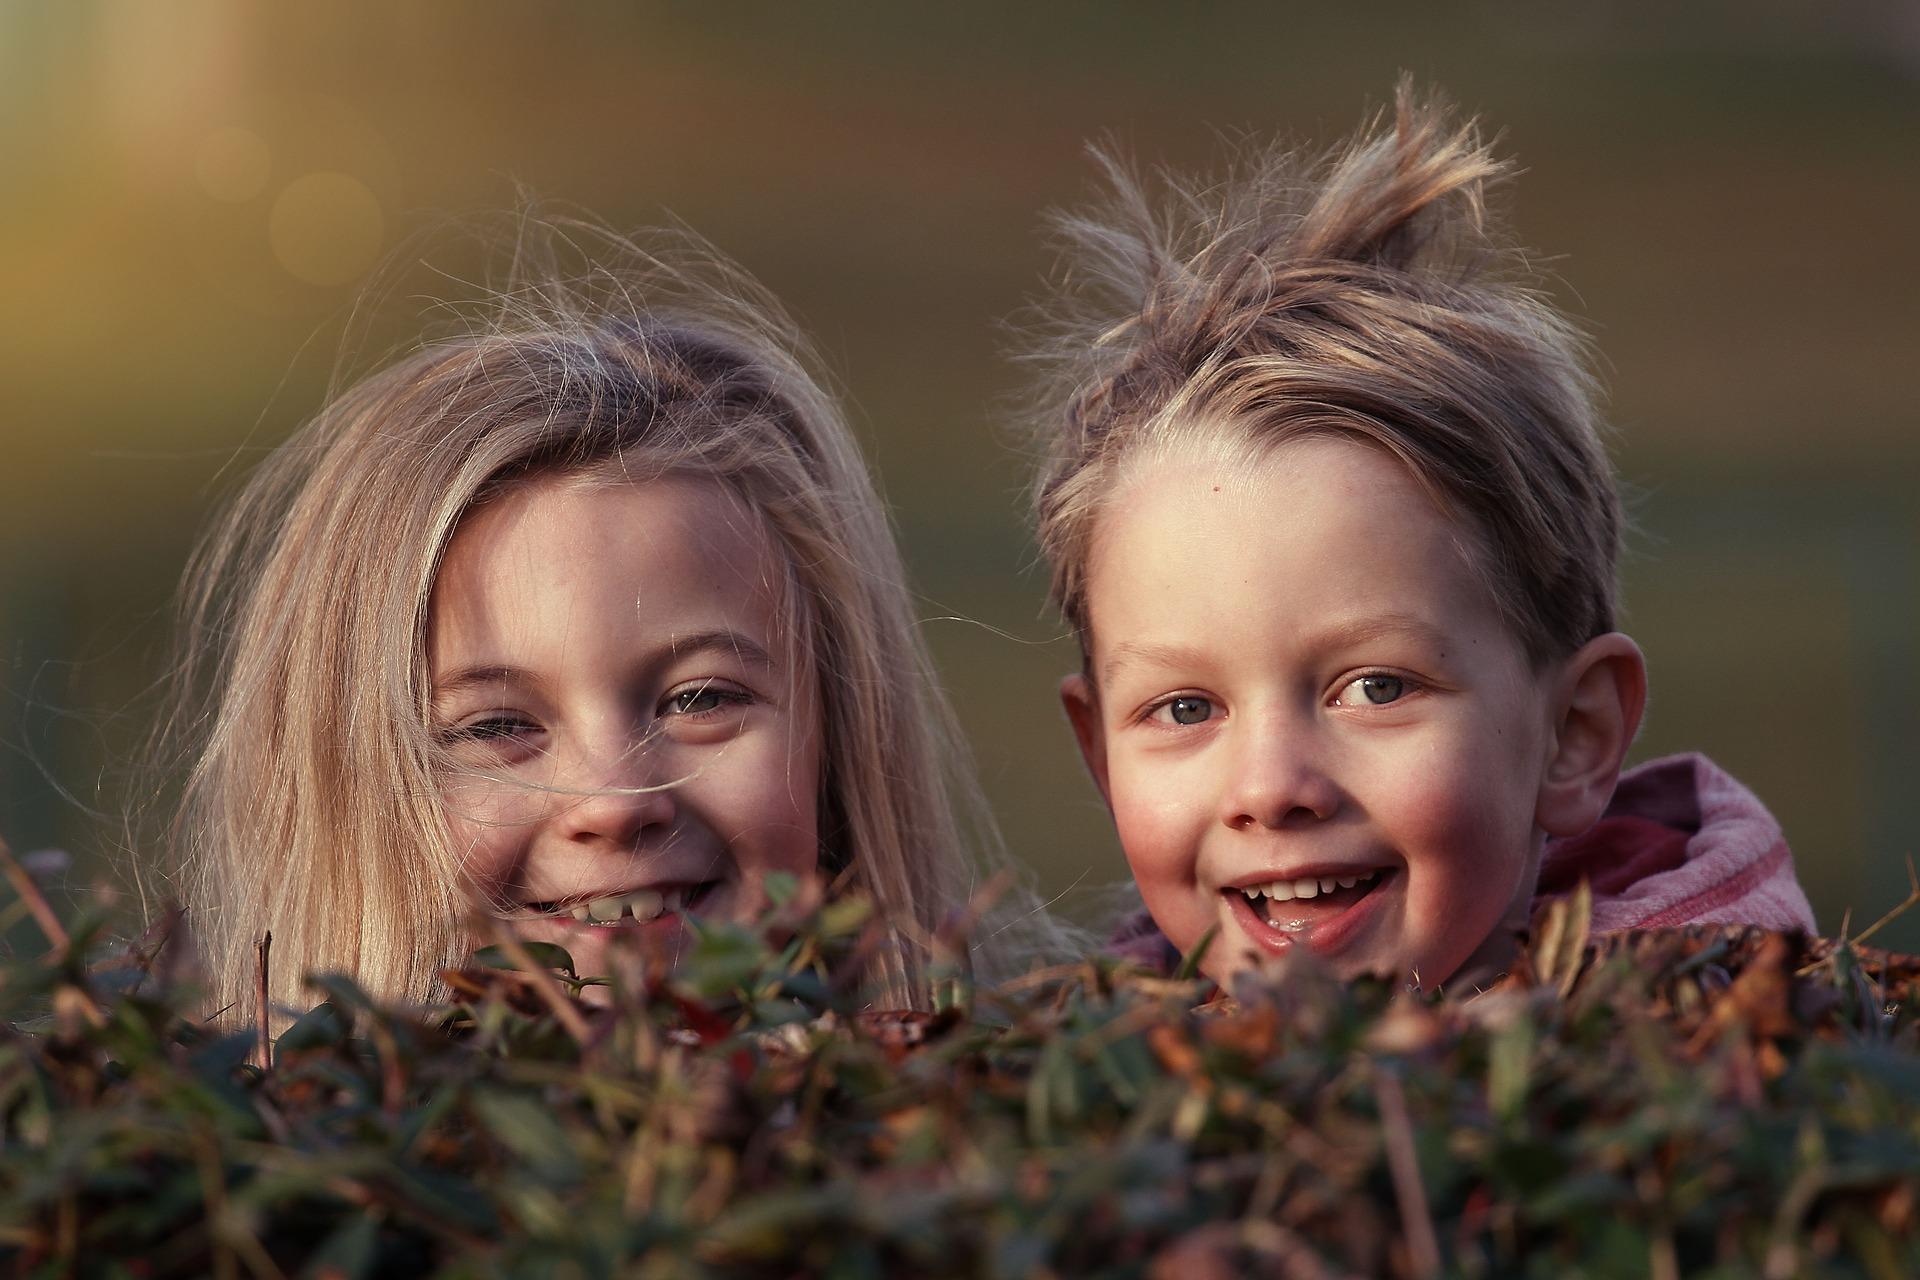 Børn piger lege